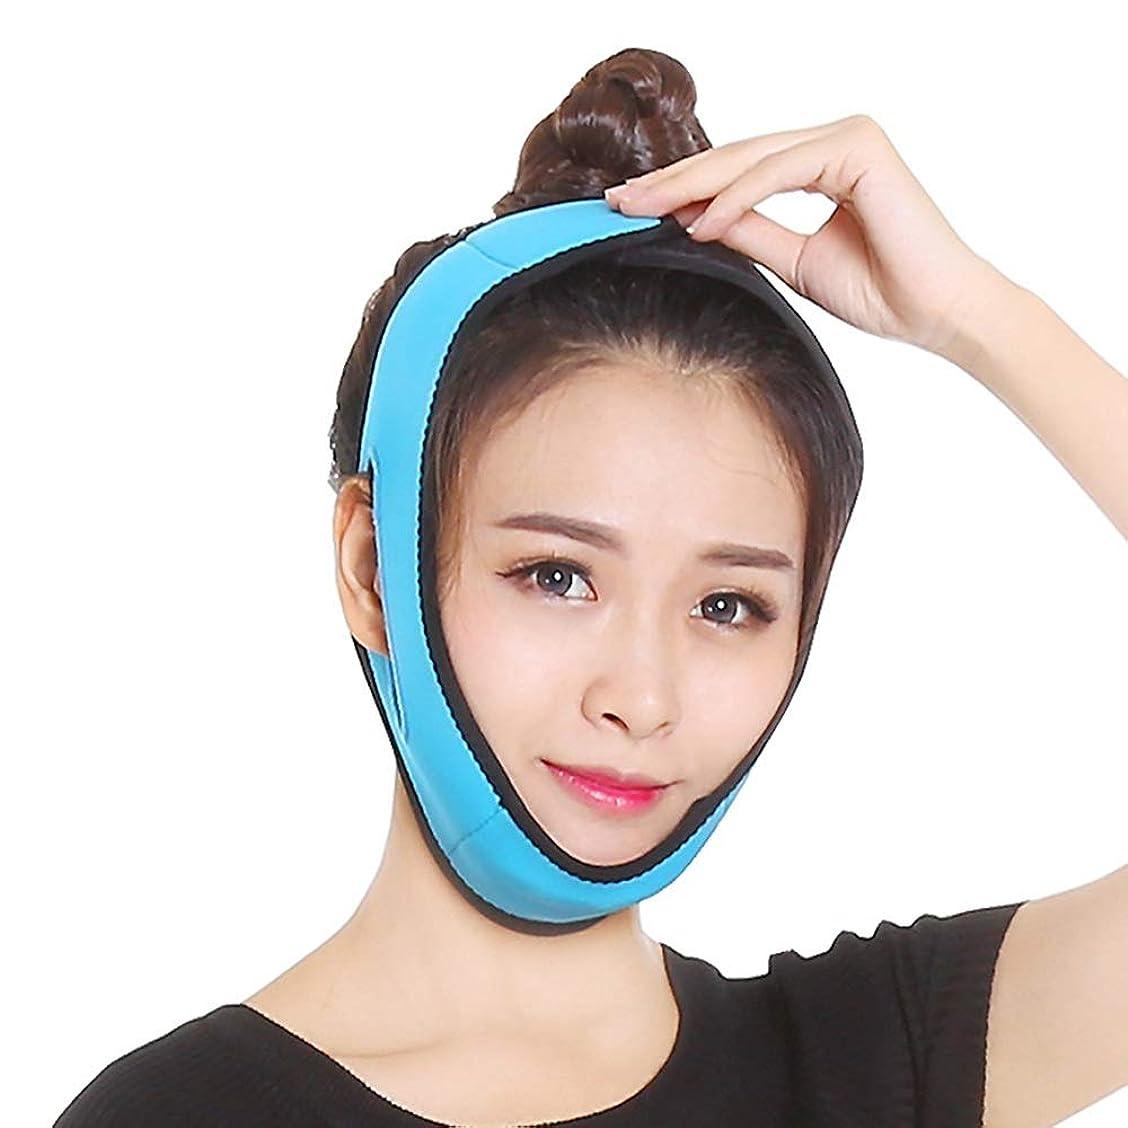 グリーンバック成り立つ一握りフェイシャルリフティングスリミングベルト - 薄いフェイス包帯二重あごデバイス無料フェイシャルマッサージ整形マスクを引き締める顔と首の顔スリム